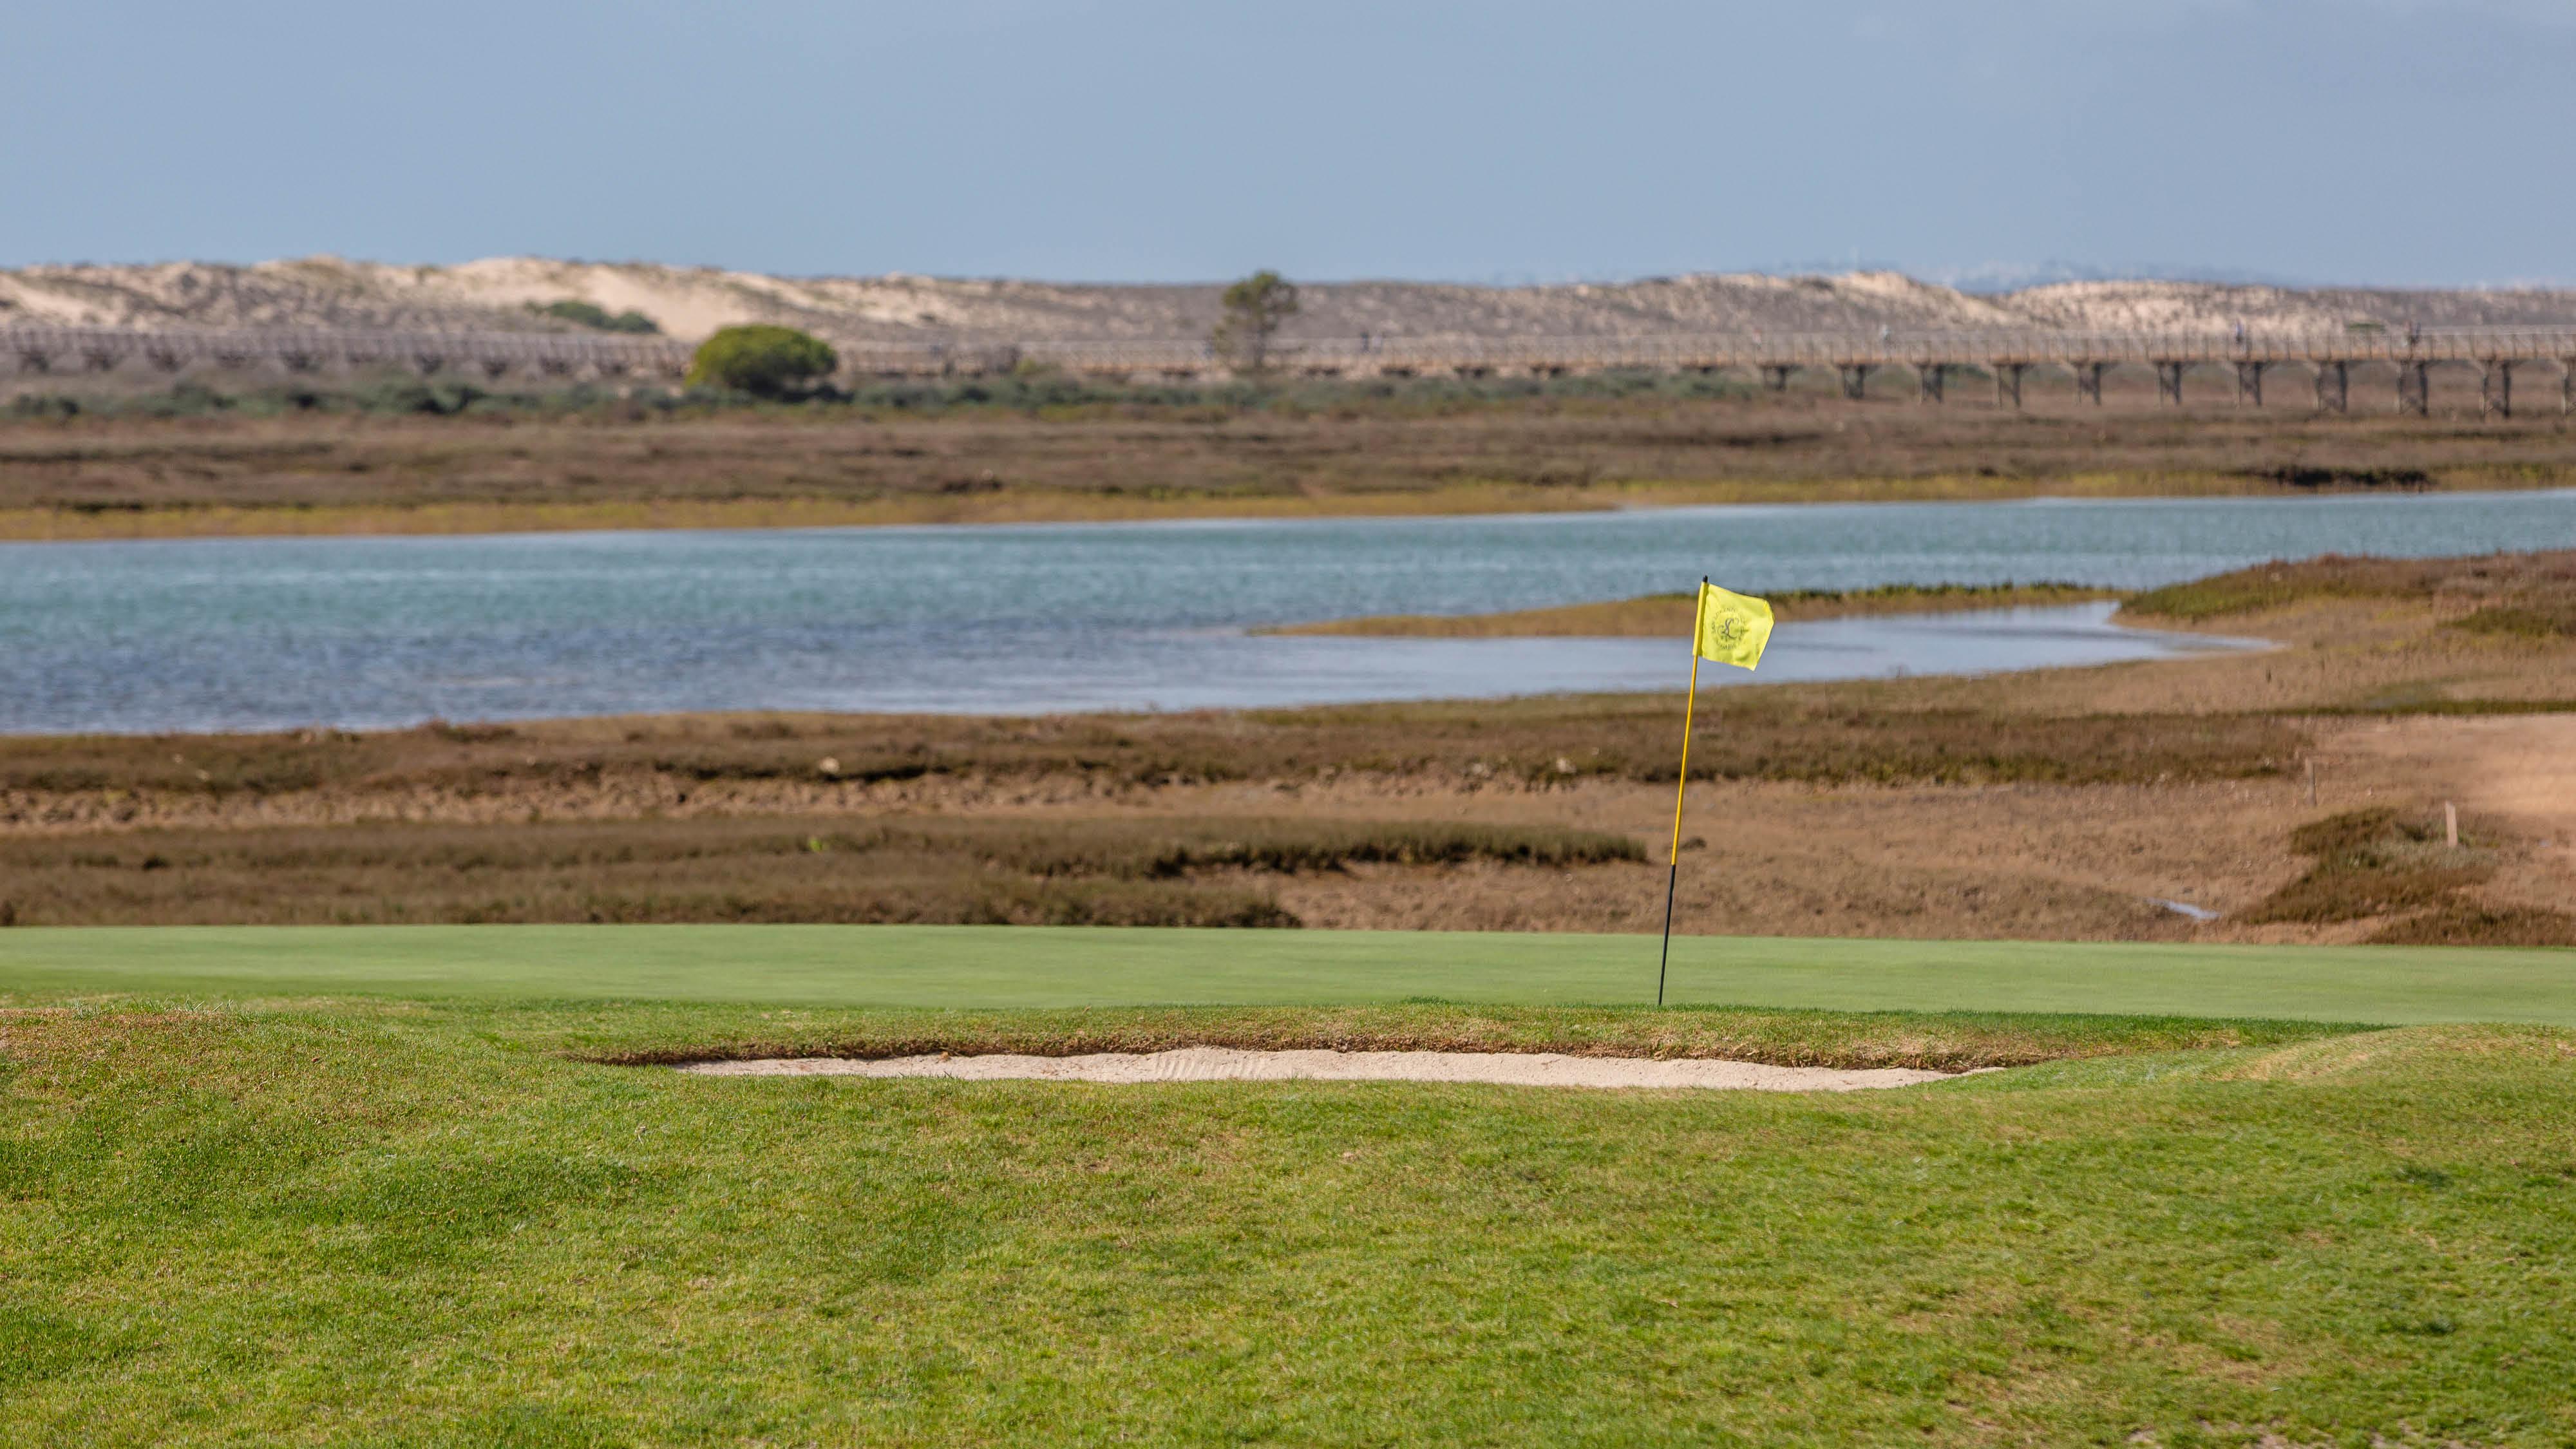 quinta do lago golf course